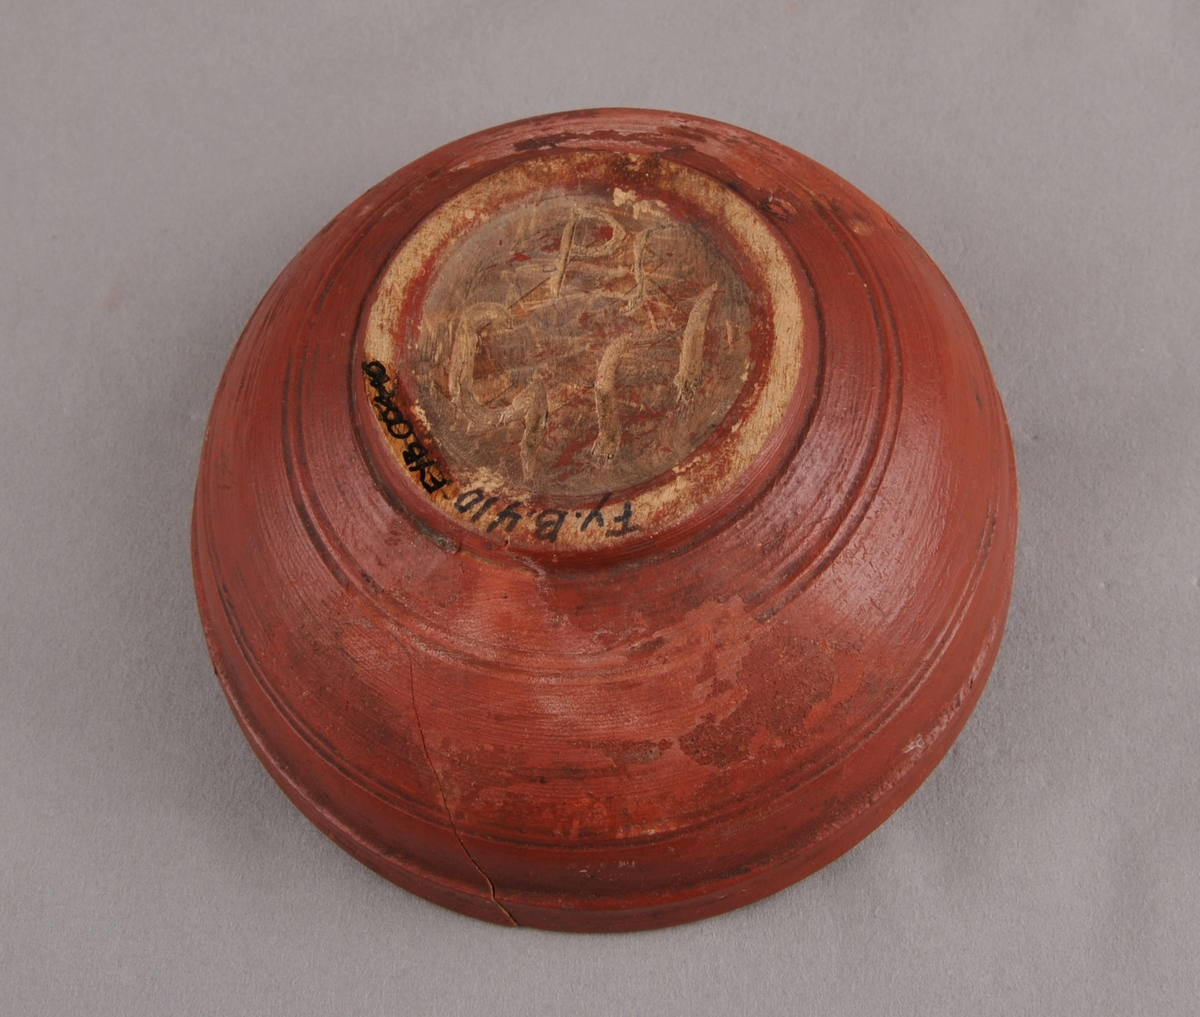 Liten bolle, dreia og måla i ein raudbrun farge. Dekorert med dreia pyntesirklar både utvendig og innvendig.